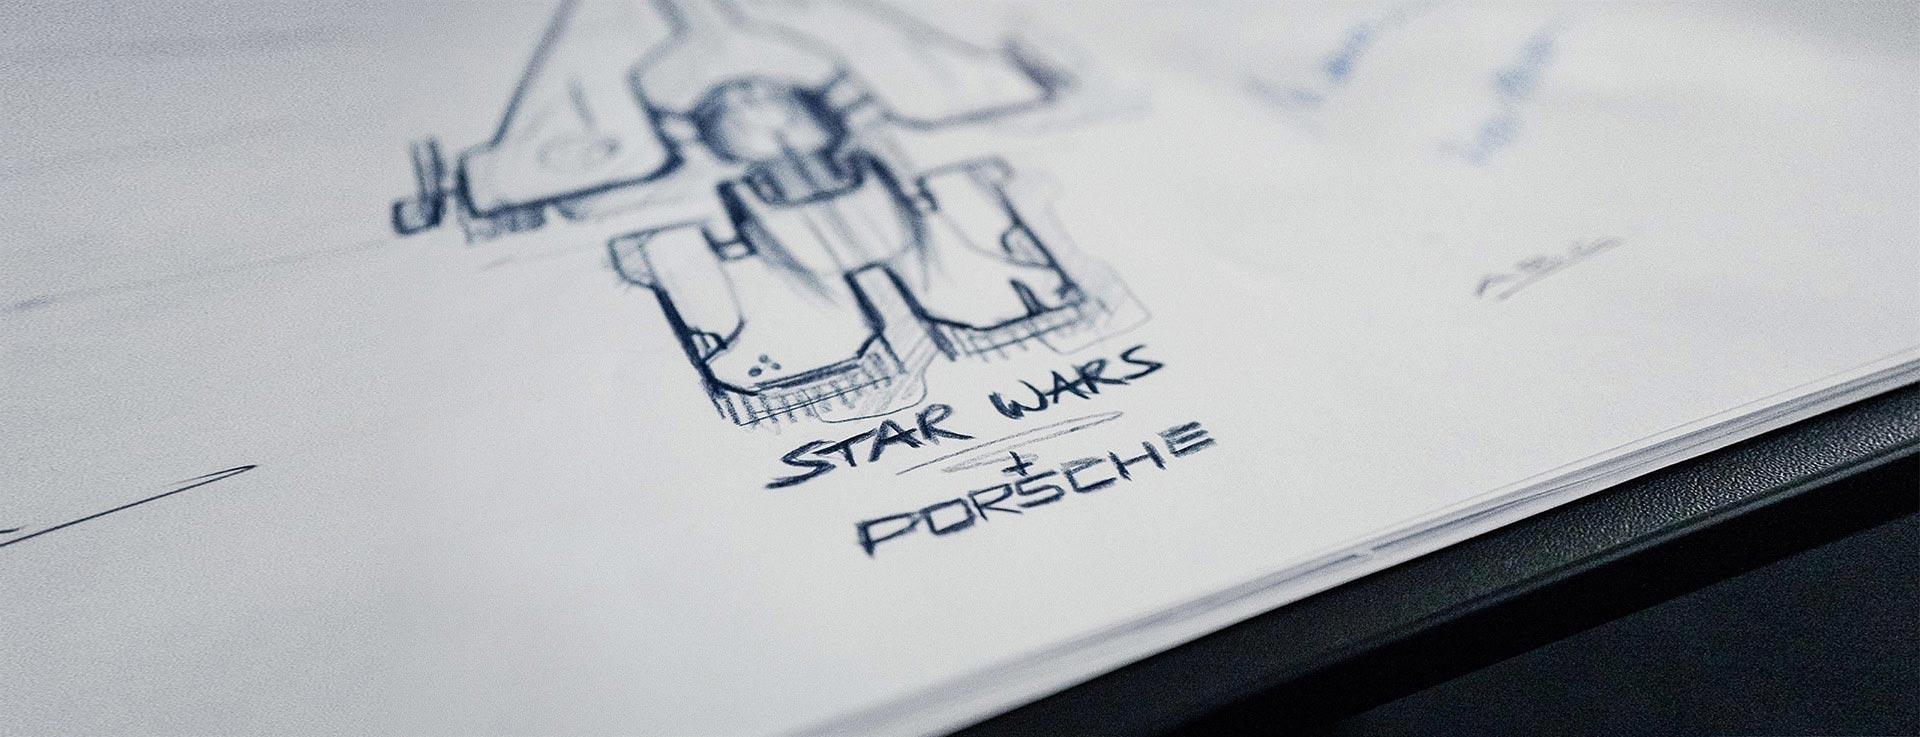 Porsche Türkiye - Sportif Araç Deneyimi tout Hyper U Salon De Jardin